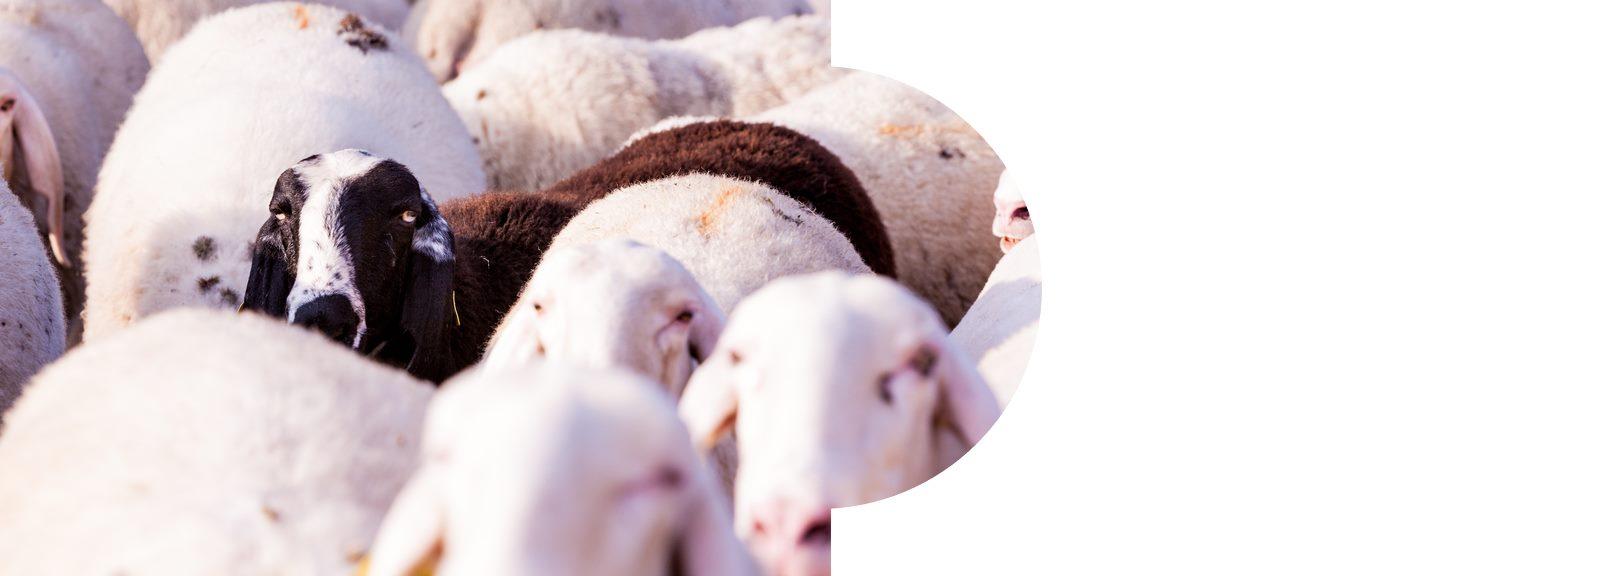 Sliderbild Schafe Individualität